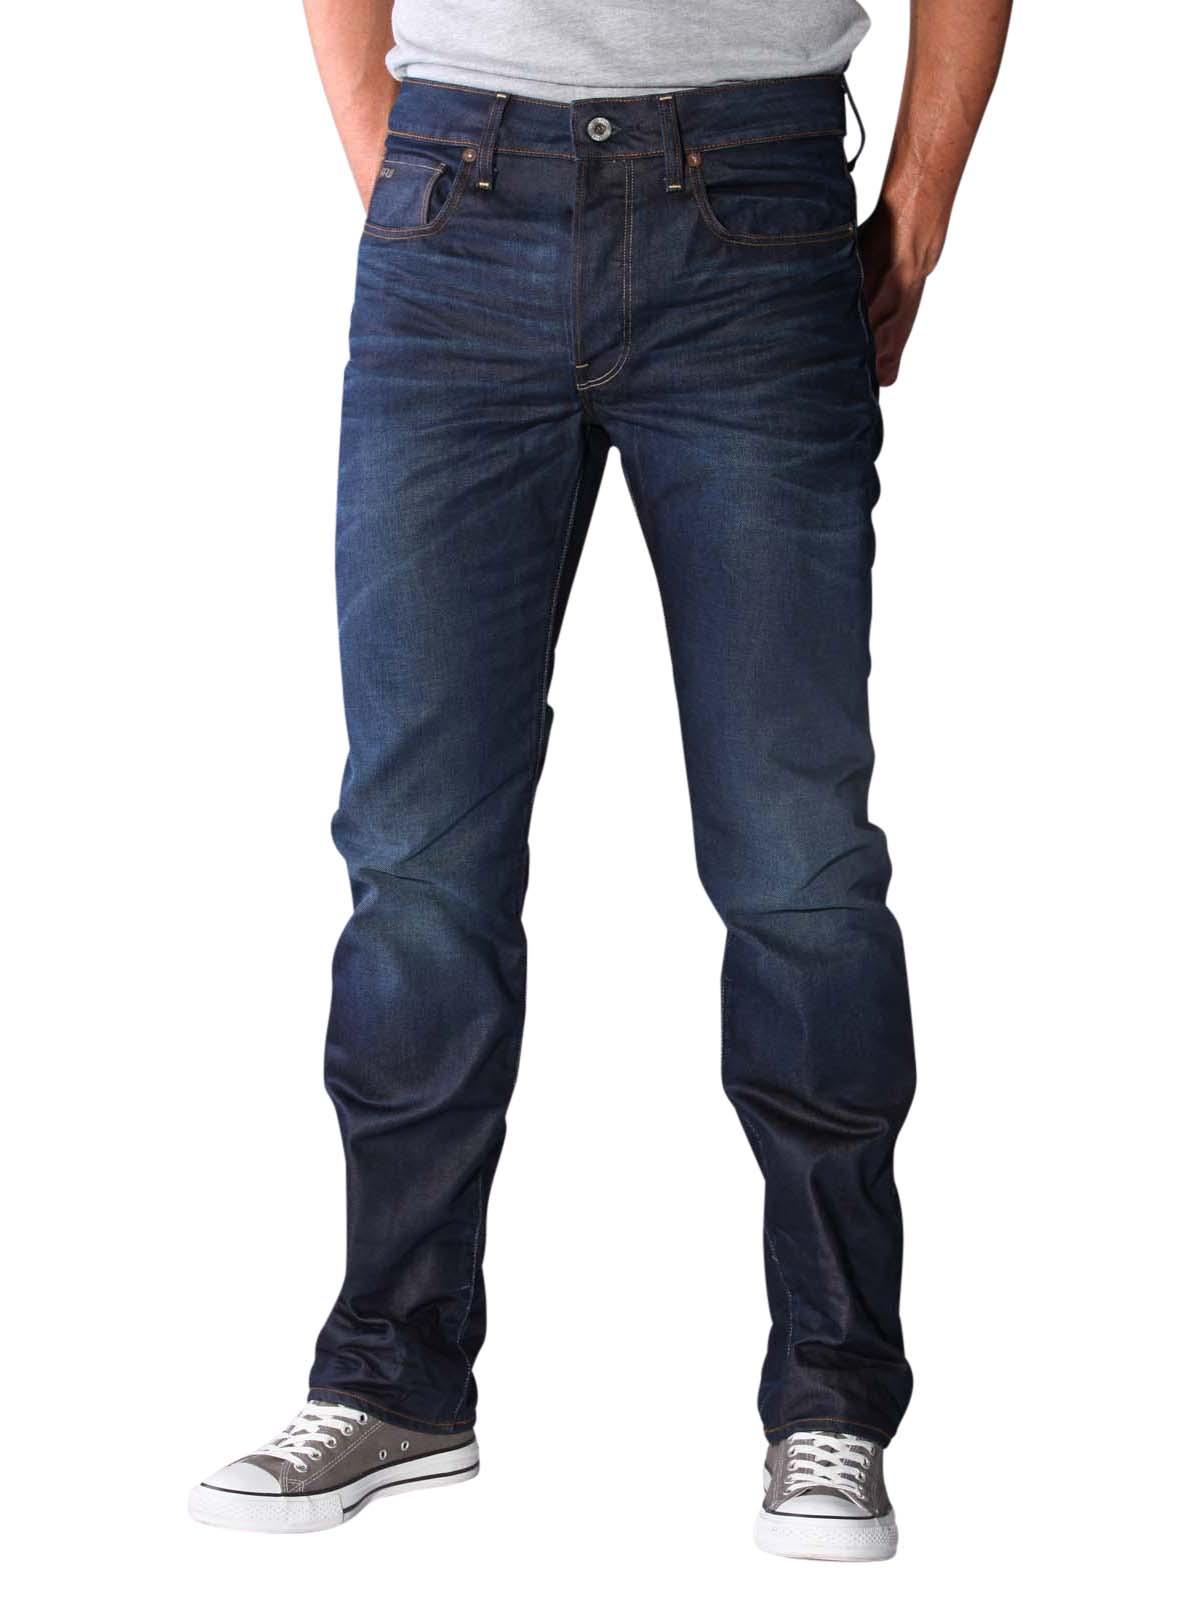 köpa gratis frakt riktigt bekvämt McJeans.ch - Fast Delivery | G-Star 3301 Straight Jeans hydrite ...